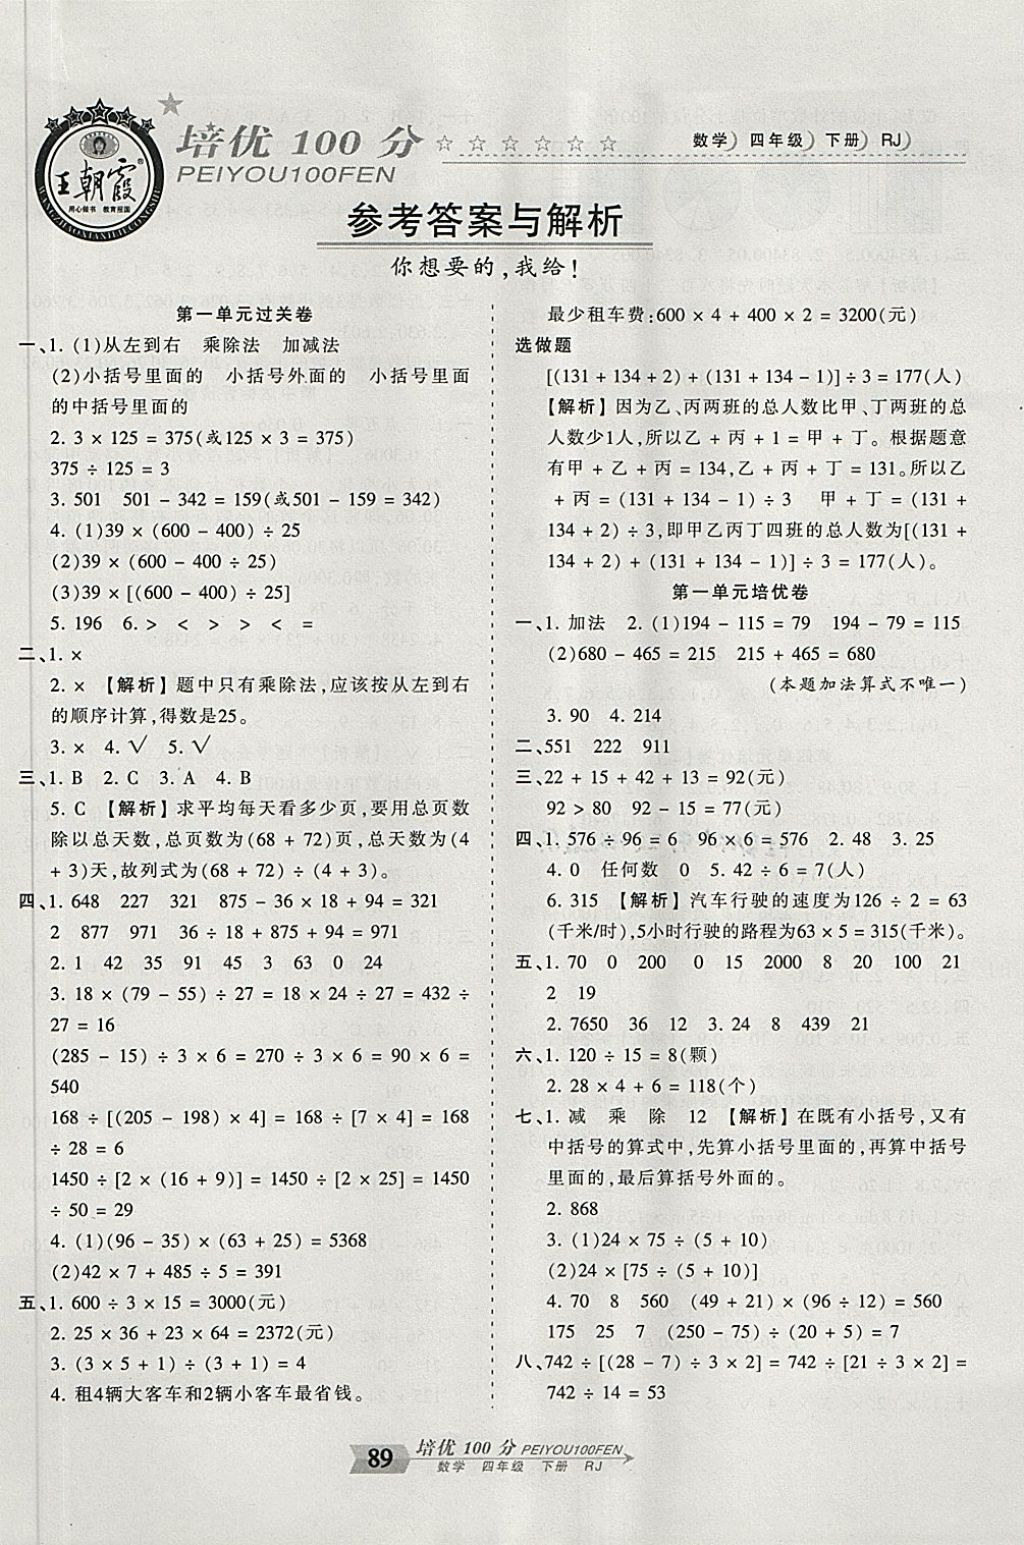 2018年王朝霞培优100分四年级数学下册人教版答案